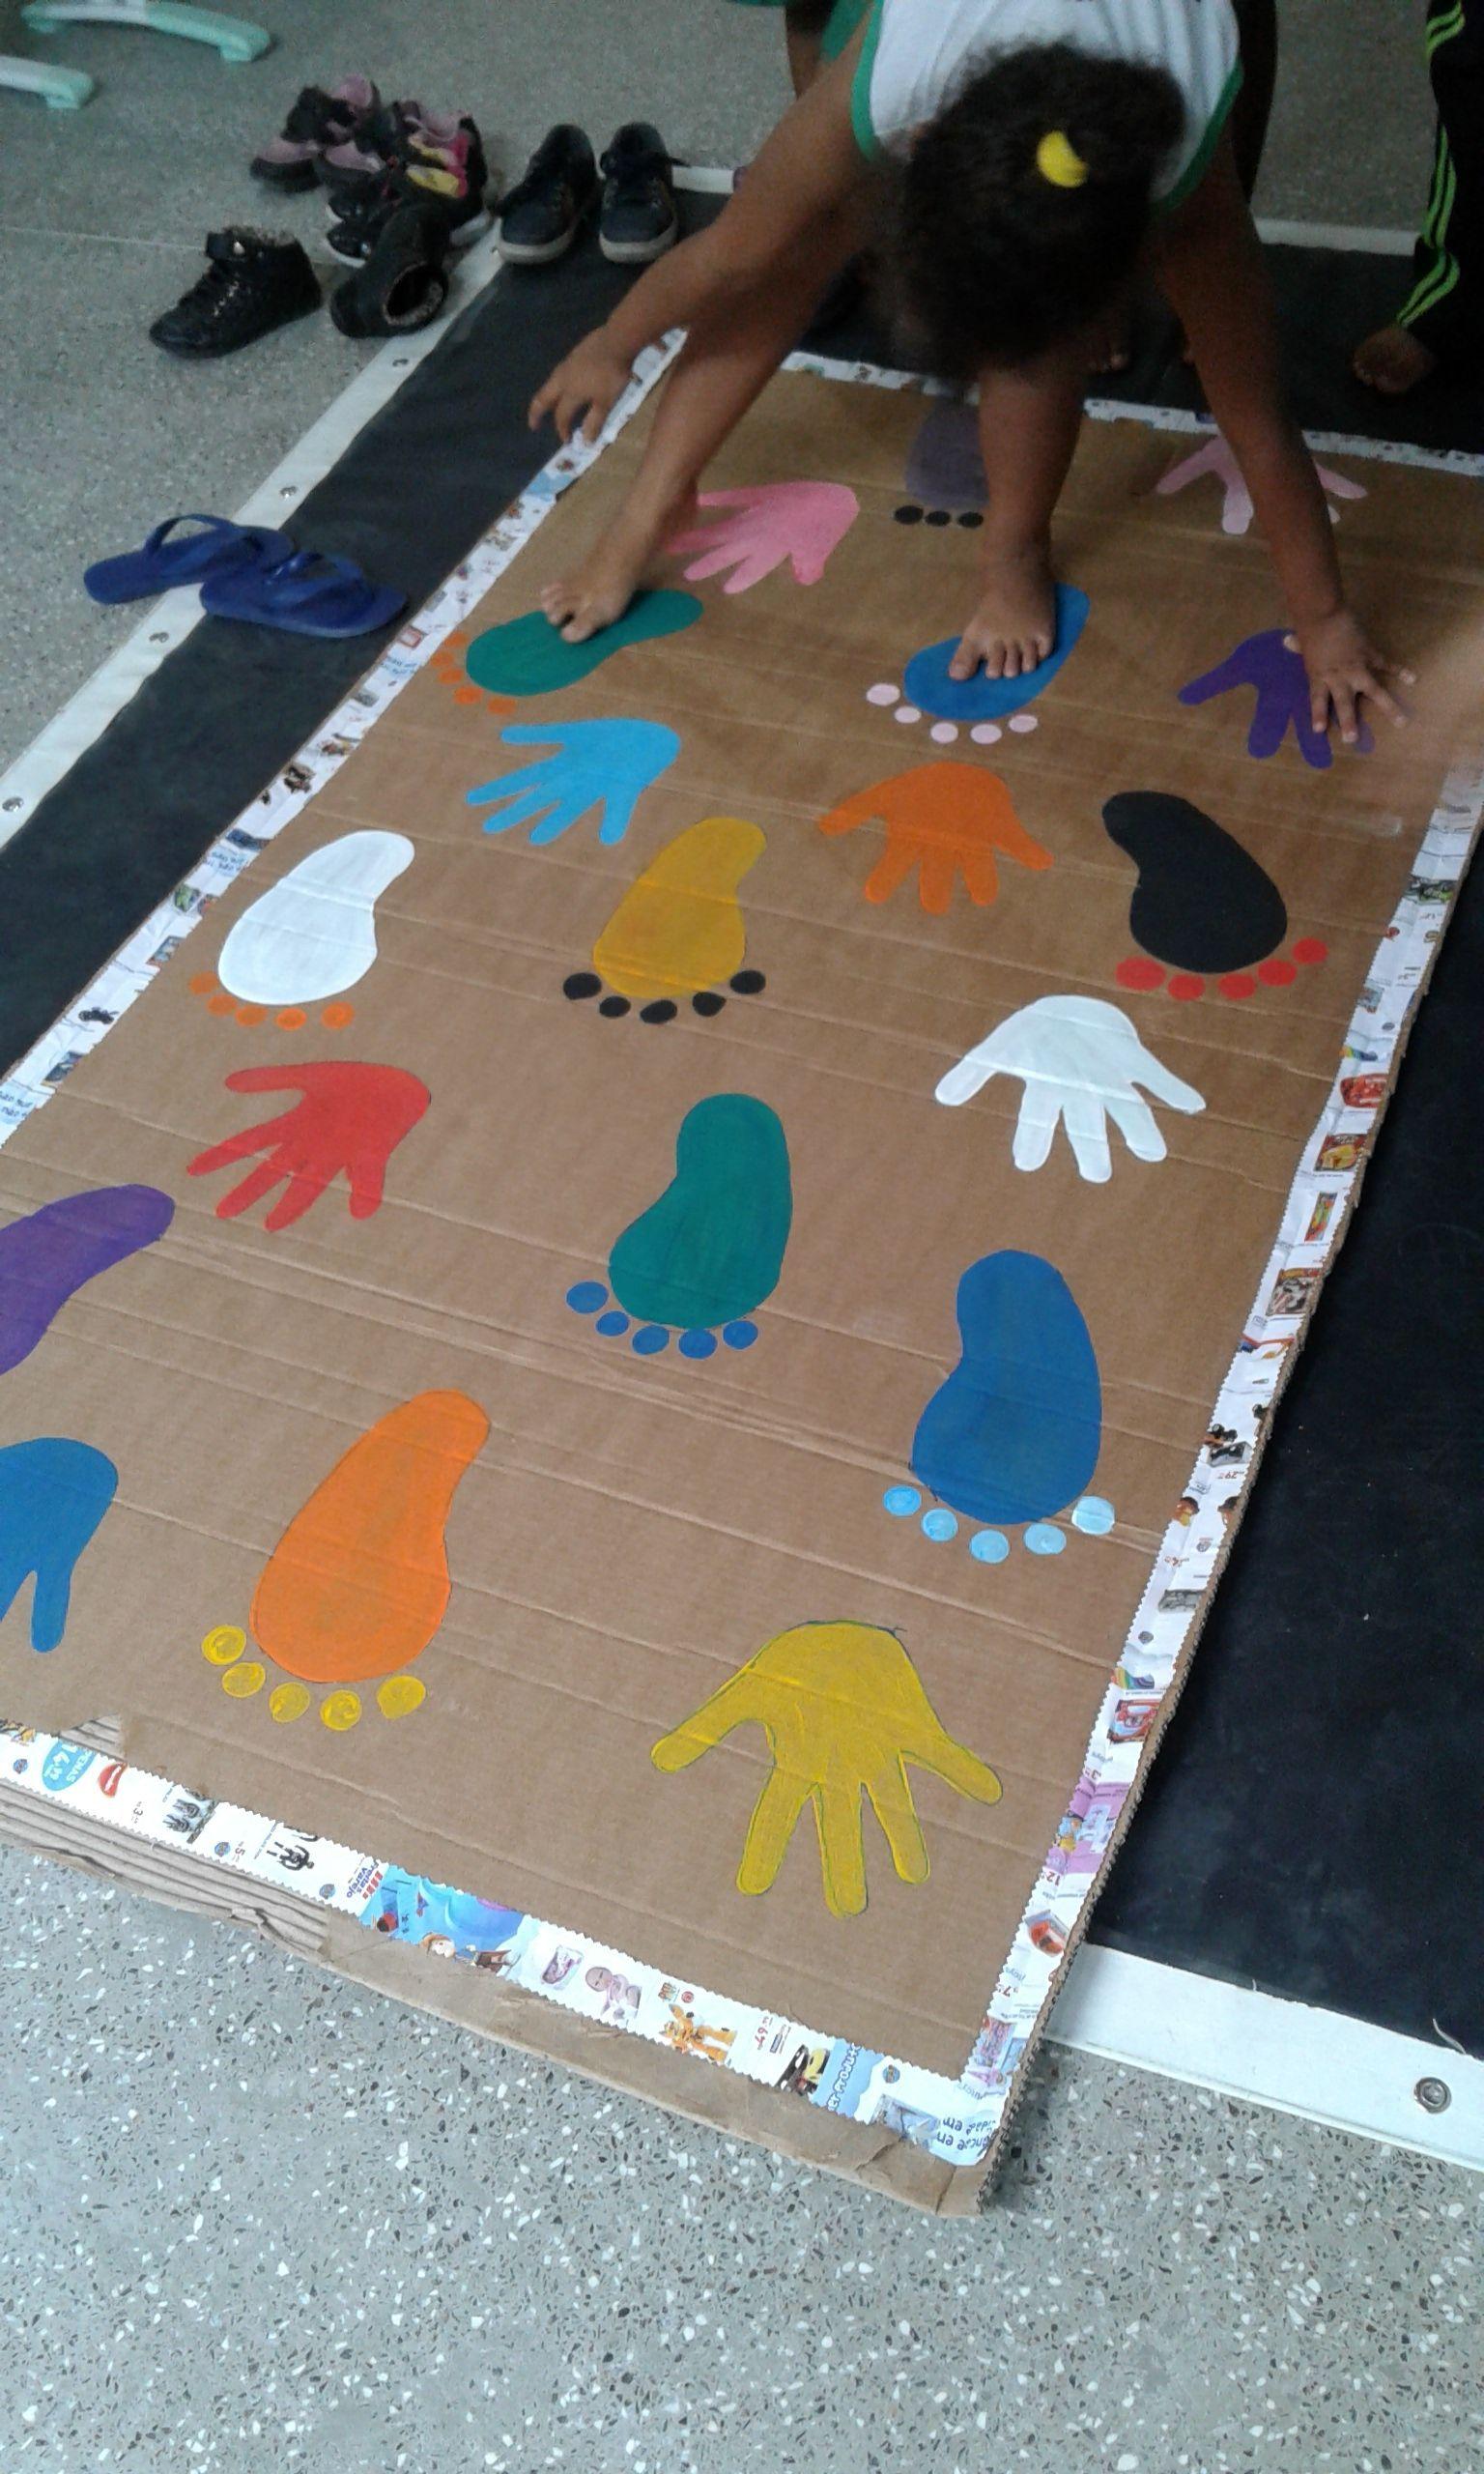 Juegos Caseros Para Niños Pequeños En 2020 Actividades Para Niños Pequeños Juegos De Niños Infantiles Juegos Para Preescolar